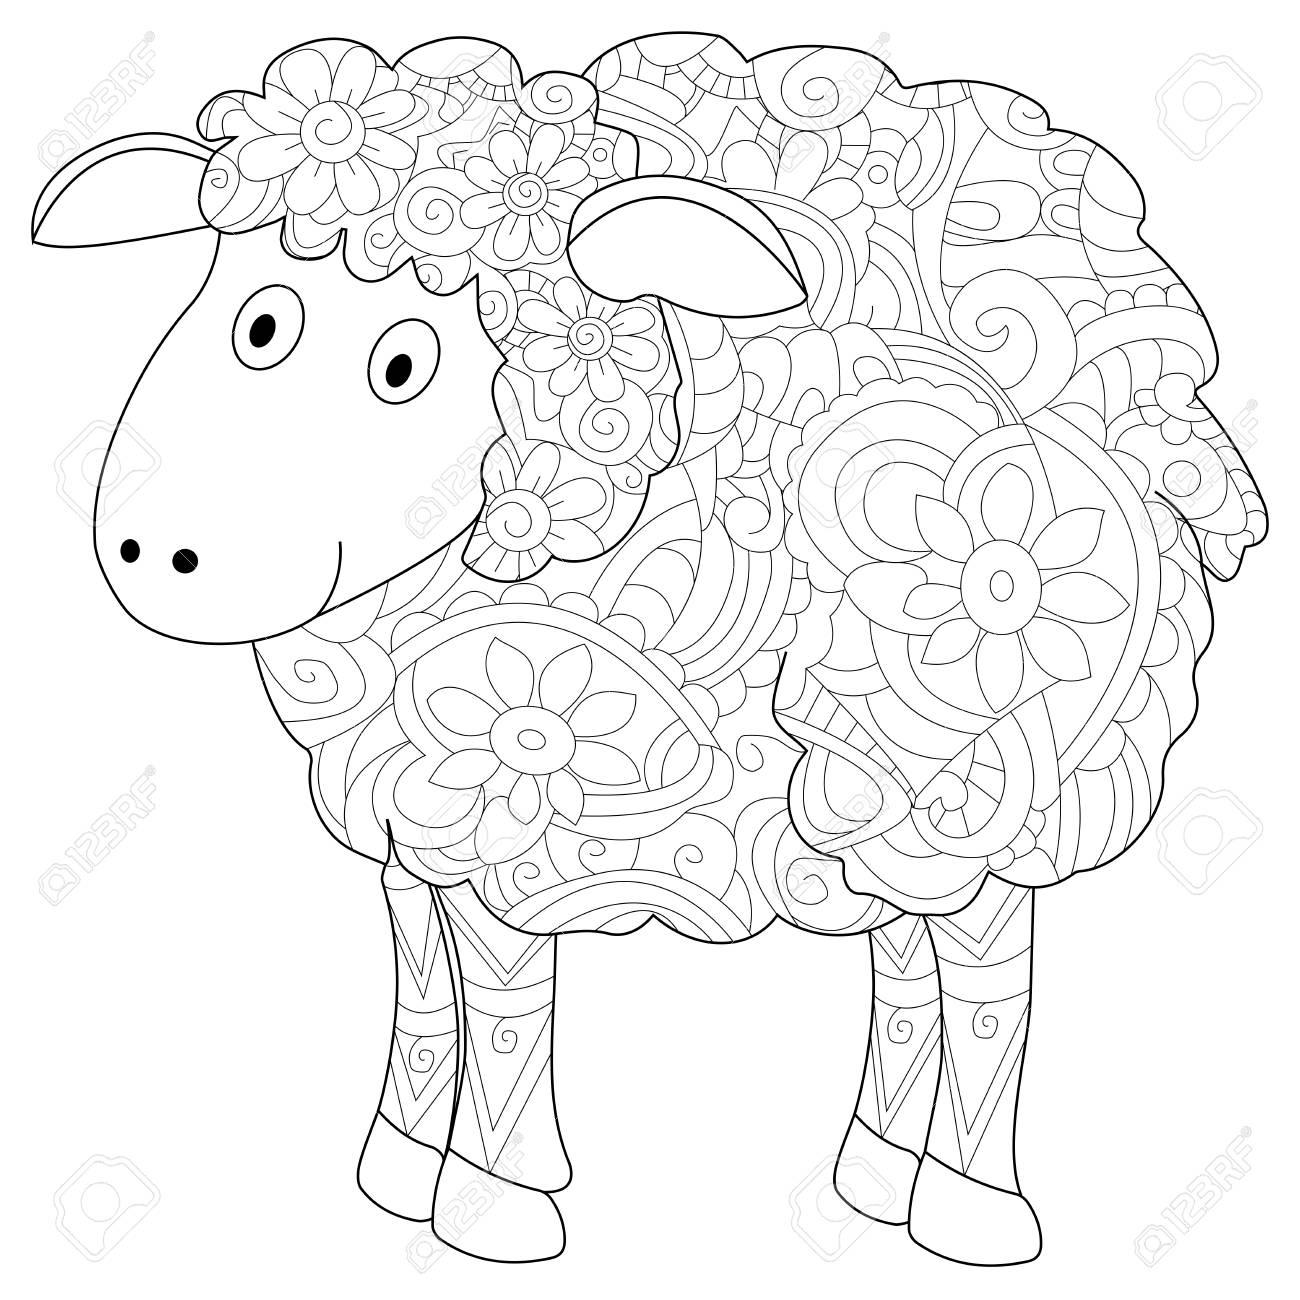 Libro De Colorear Animal De Carnero Para Adultos Trama Ilustración Colorante Antiestrés Para Adultos Herbívoros Estilo Líneas Blancas Y Negras